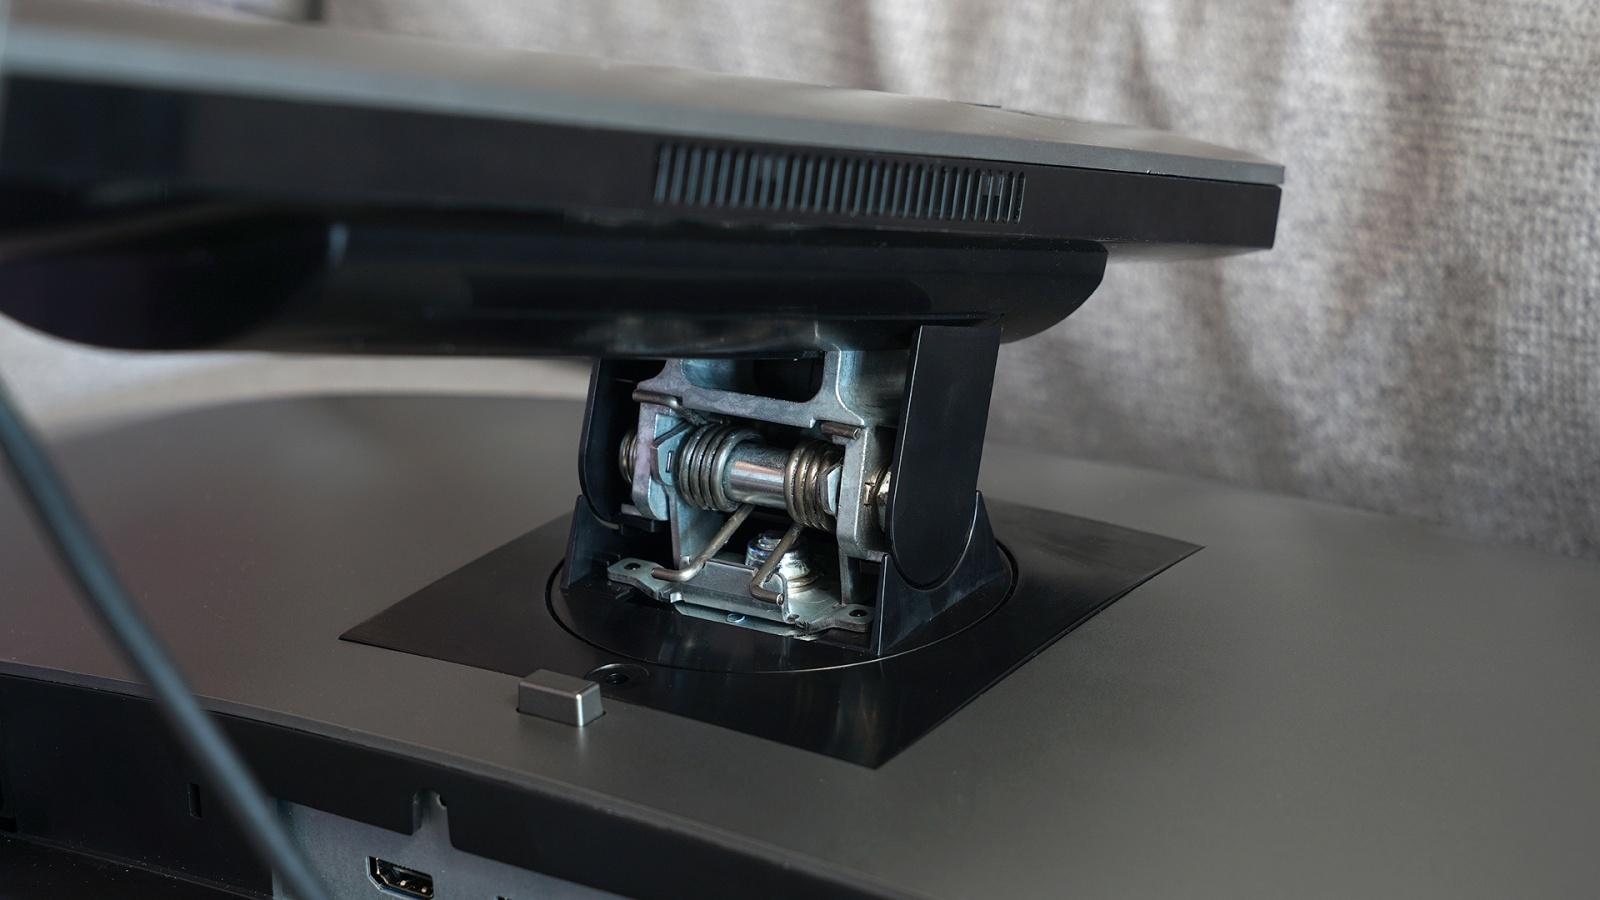 Dell OptiPlex 7070 Ultra: модульный компьютер, который превращает в моноблок любой монитор - 11